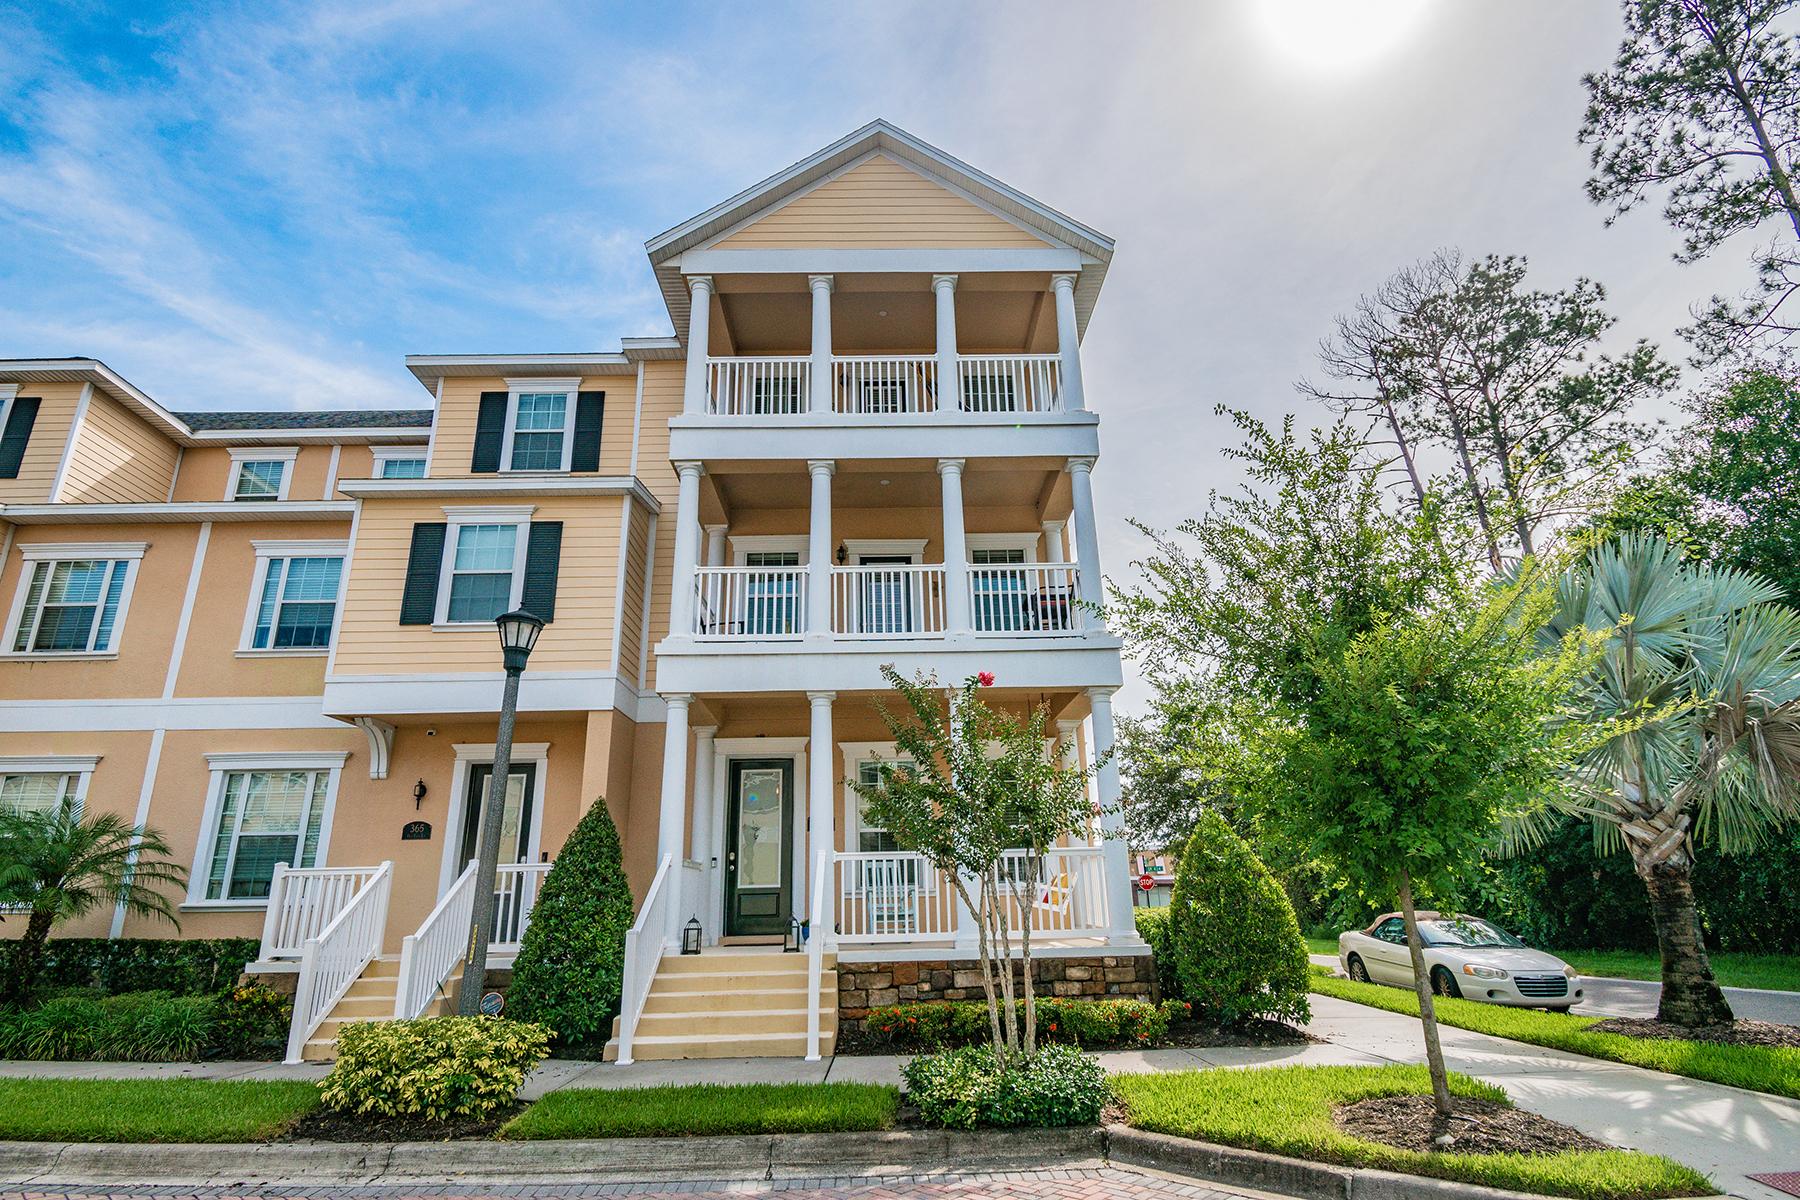 Single Family Homes için Satış at WINTER SPRINGS 361 Old Farm Ln, Winter Springs, Florida 32708 Amerika Birleşik Devletleri